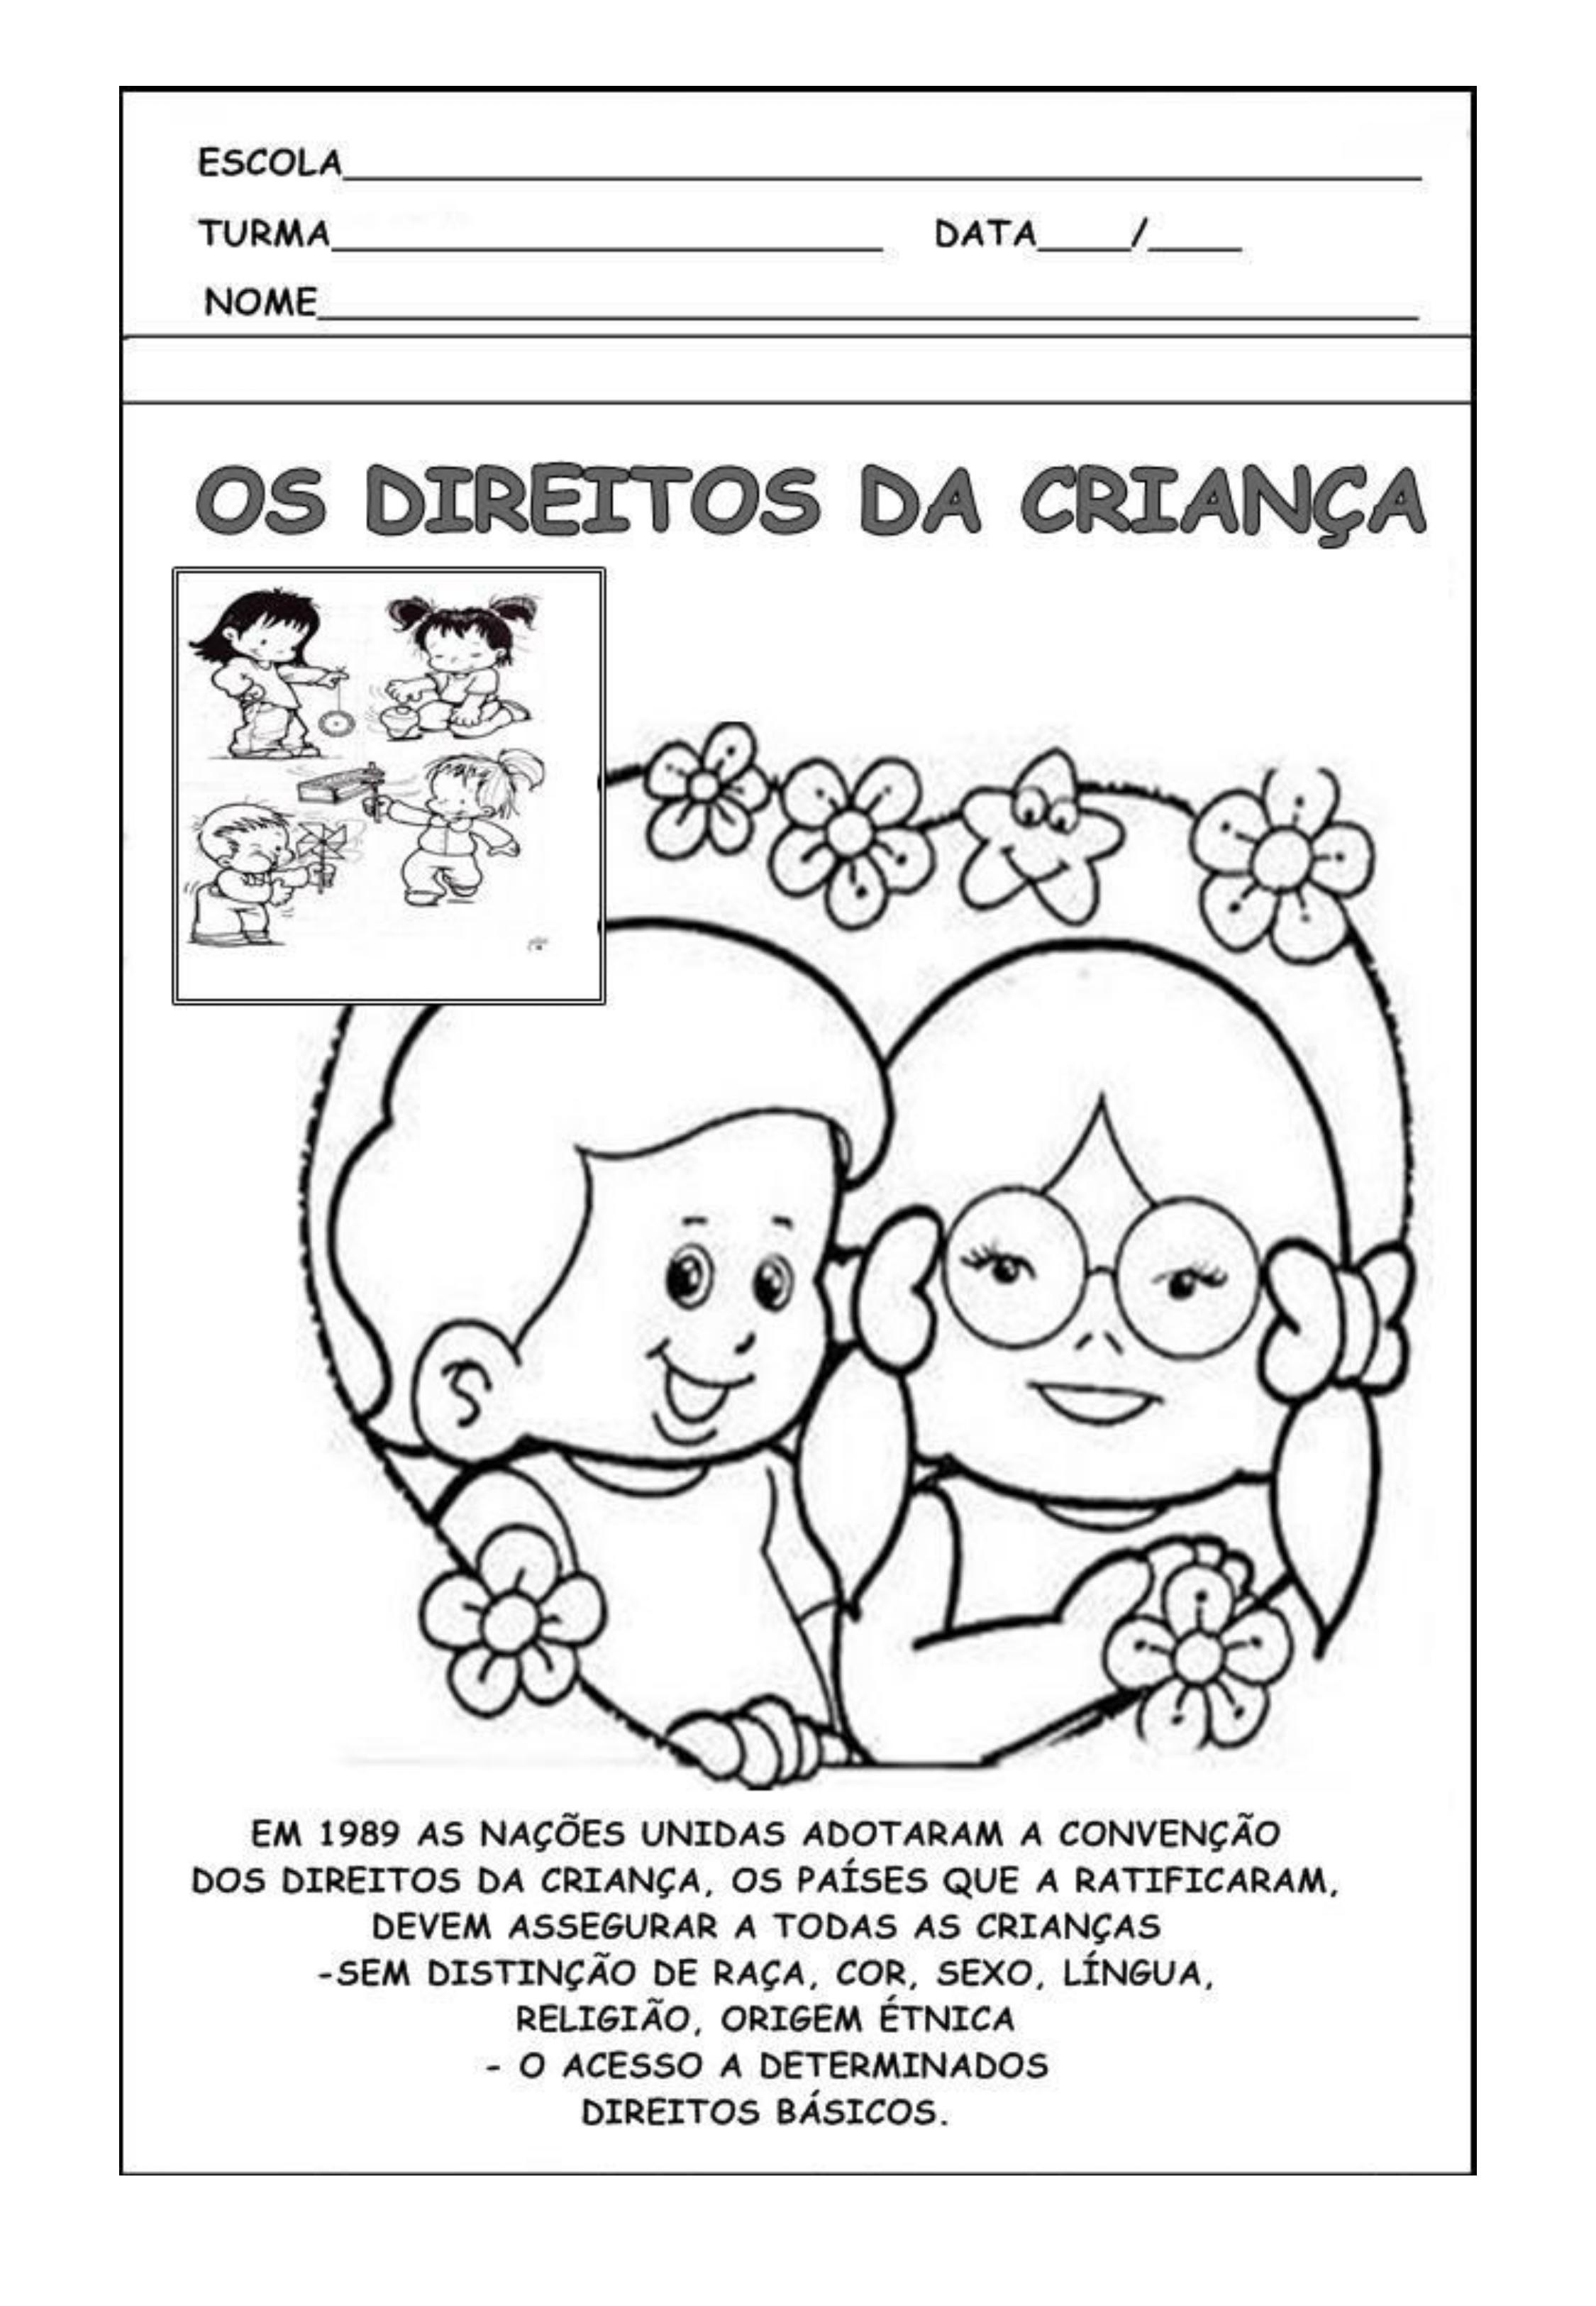 Direito das Crianças - atividades para o dia da criança